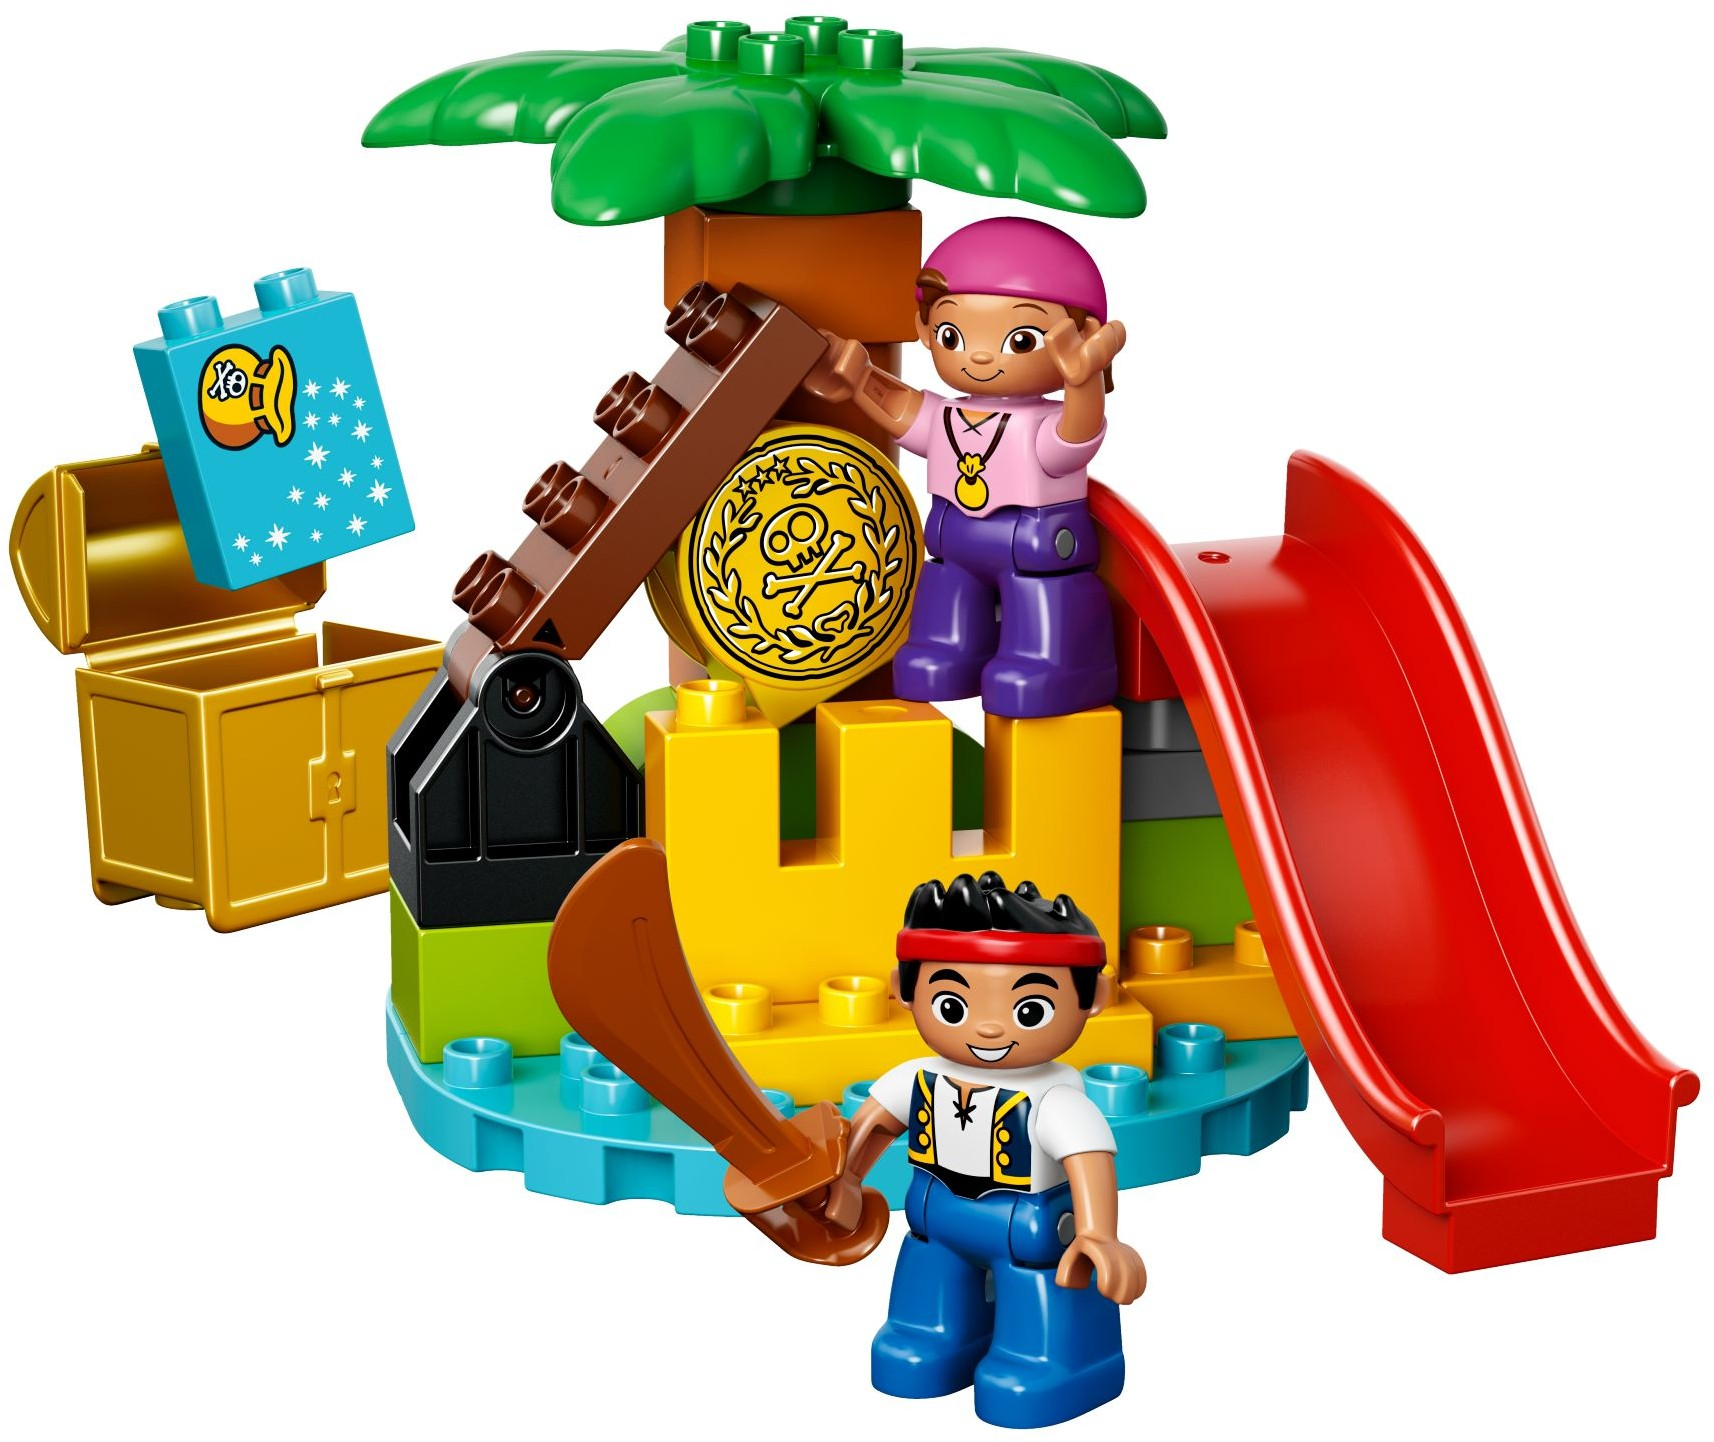 Duplo Jake And The Never Land Pirates Brickset Lego Set Guide And Database